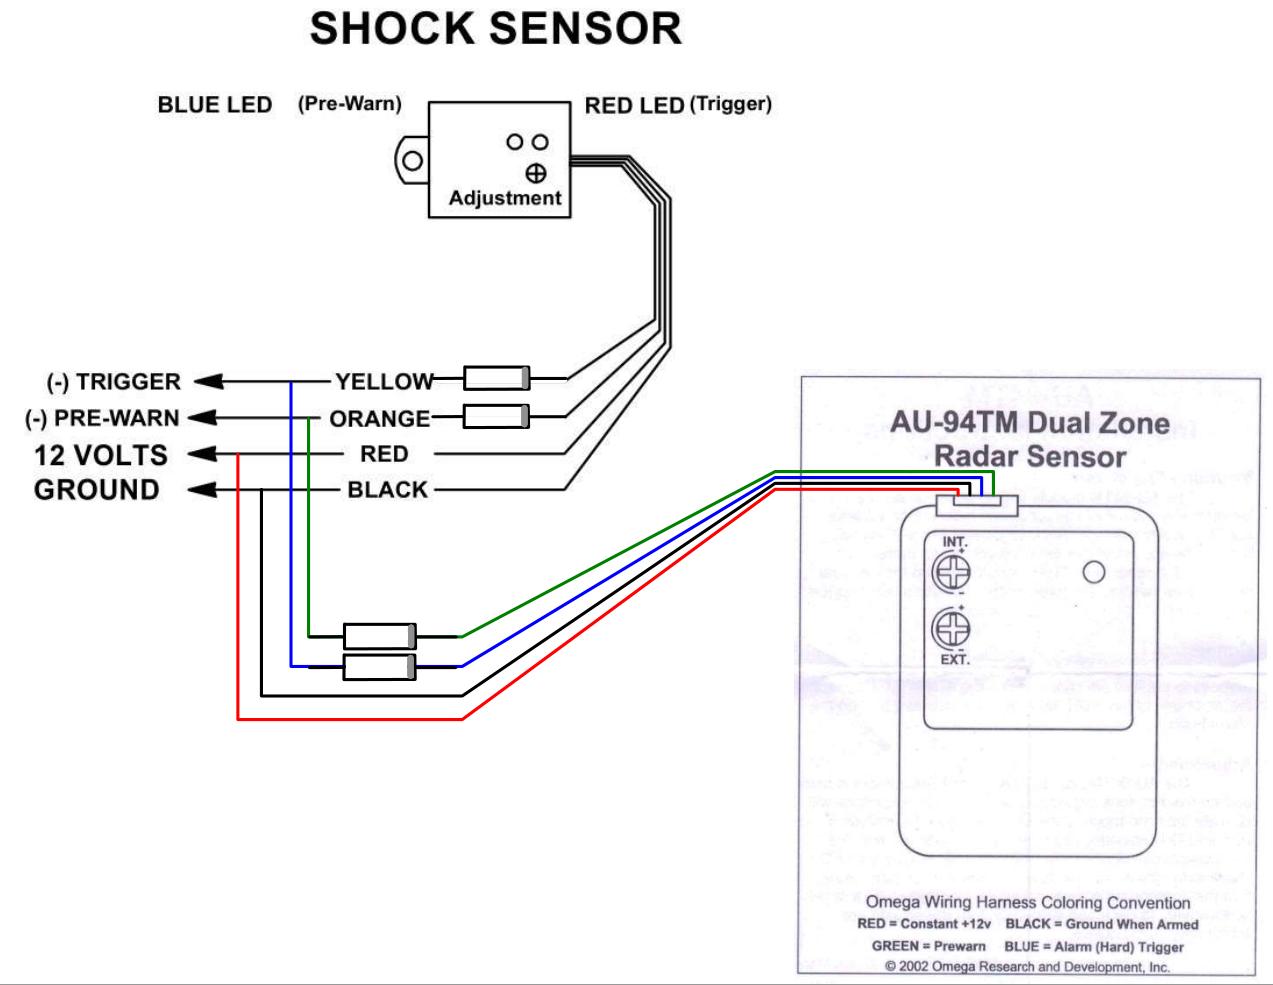 OG_3070] Omega Car Alarm Wiring Diagrams Schematic WiringUnho Grebs Tool Mohammedshrine Librar Wiring 101